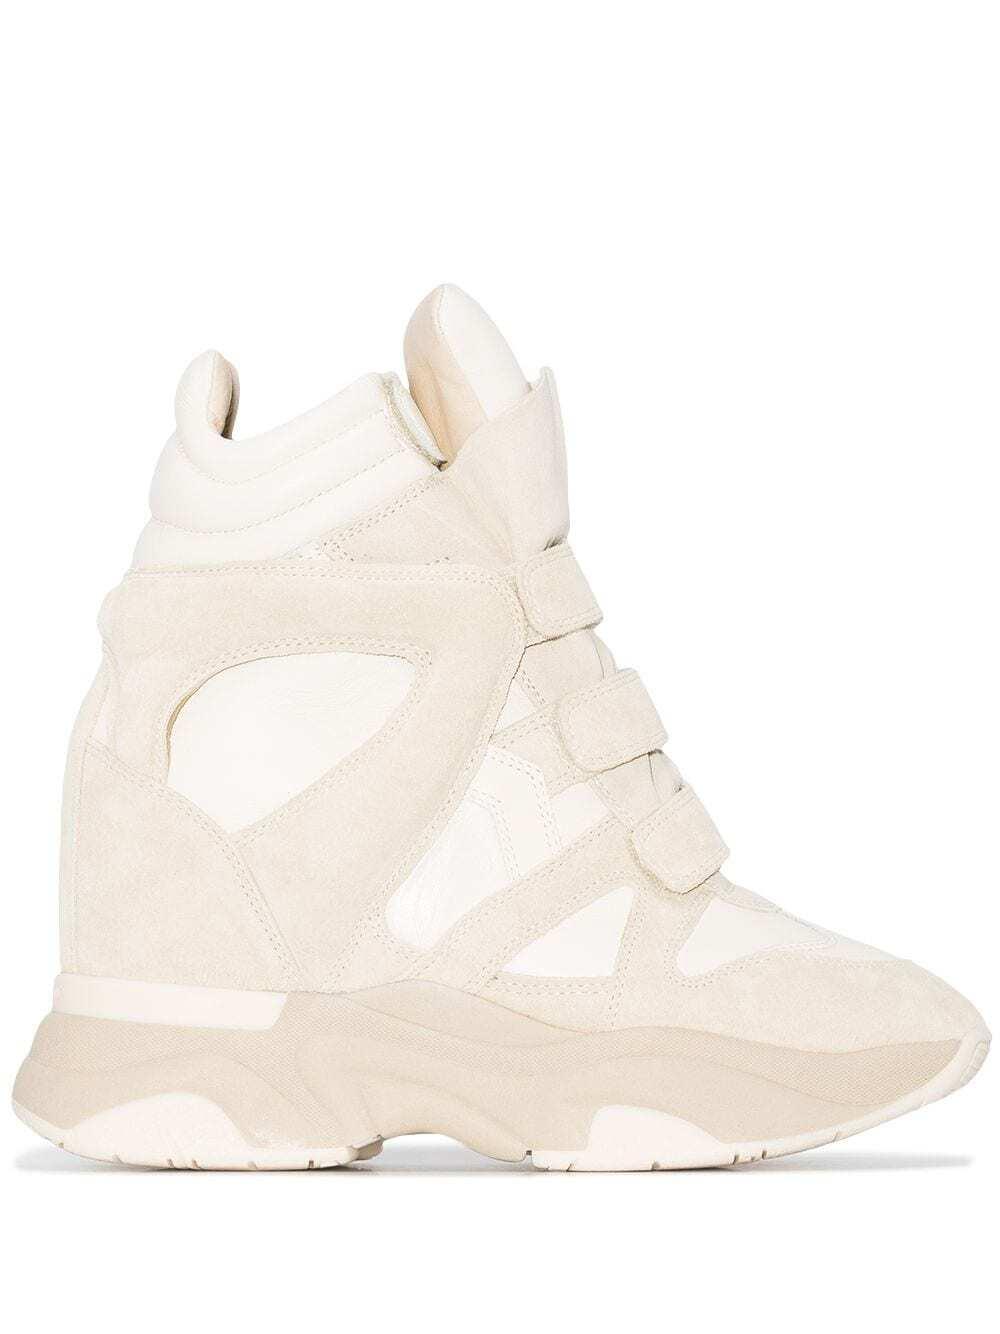 Balskee Keilsneaker in Creme